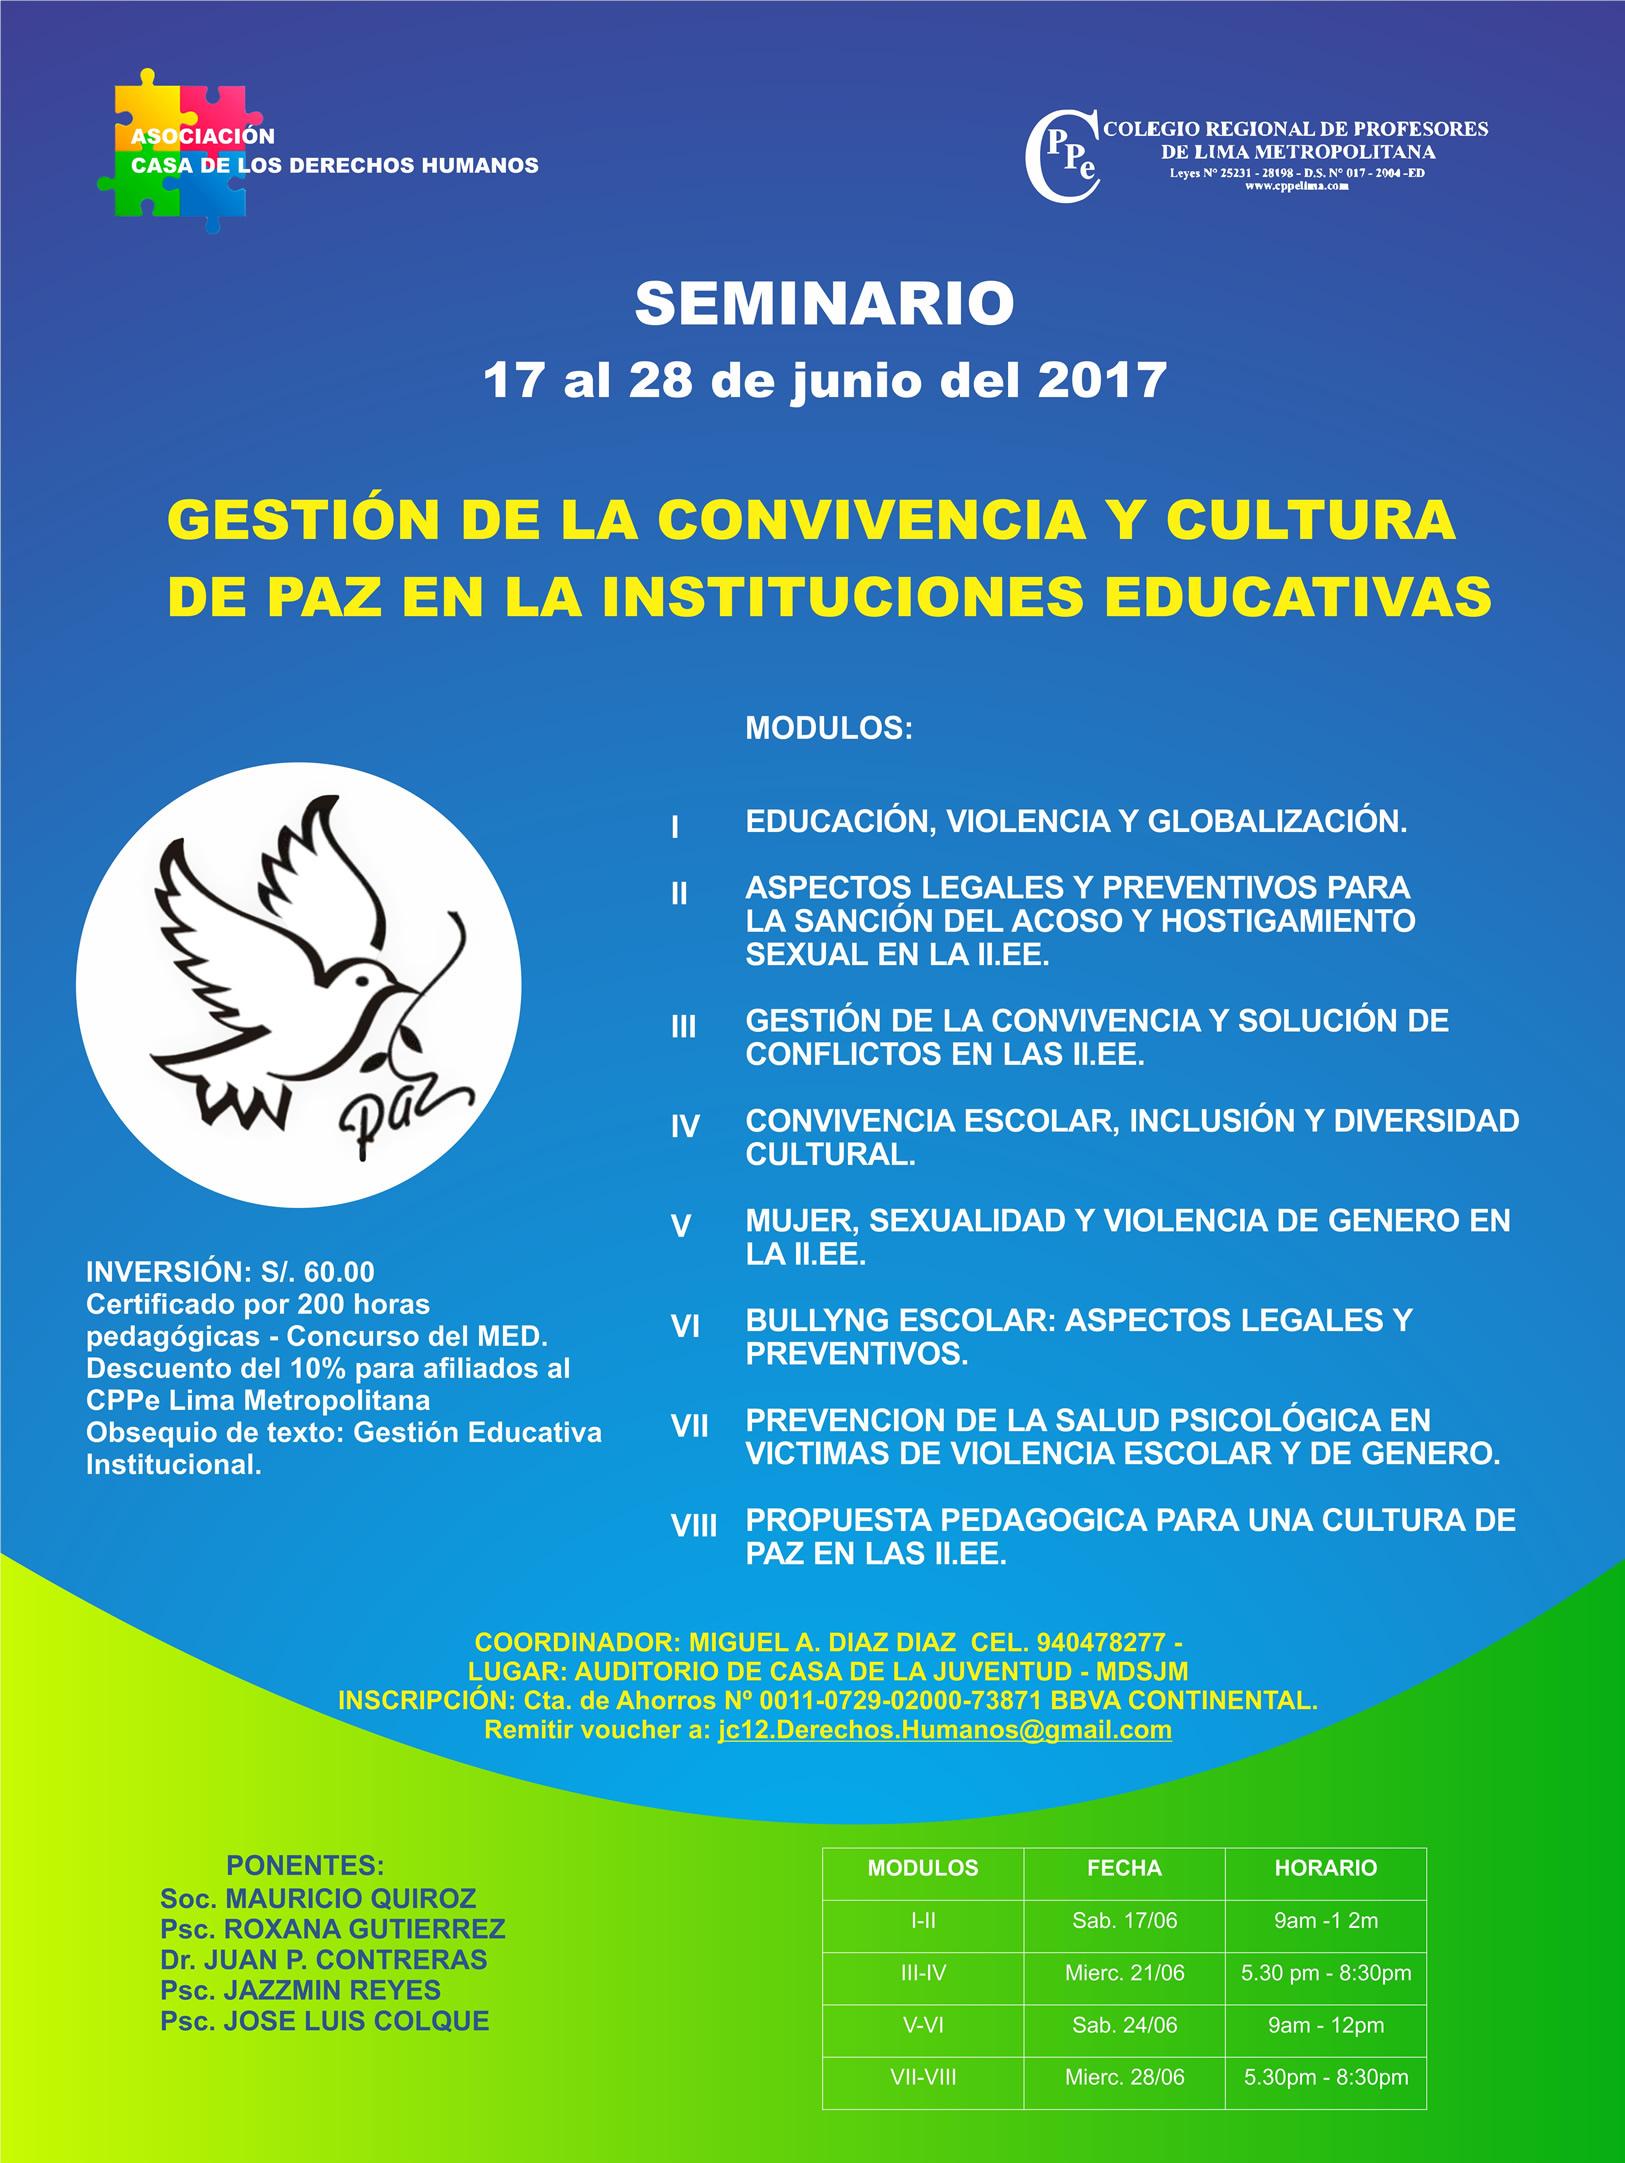 Seminario: Gestión de la Convivencia y Cultura de Paz en las Instituciones Educativas - Colegio Regional de Profesores de Lima Metropolitana